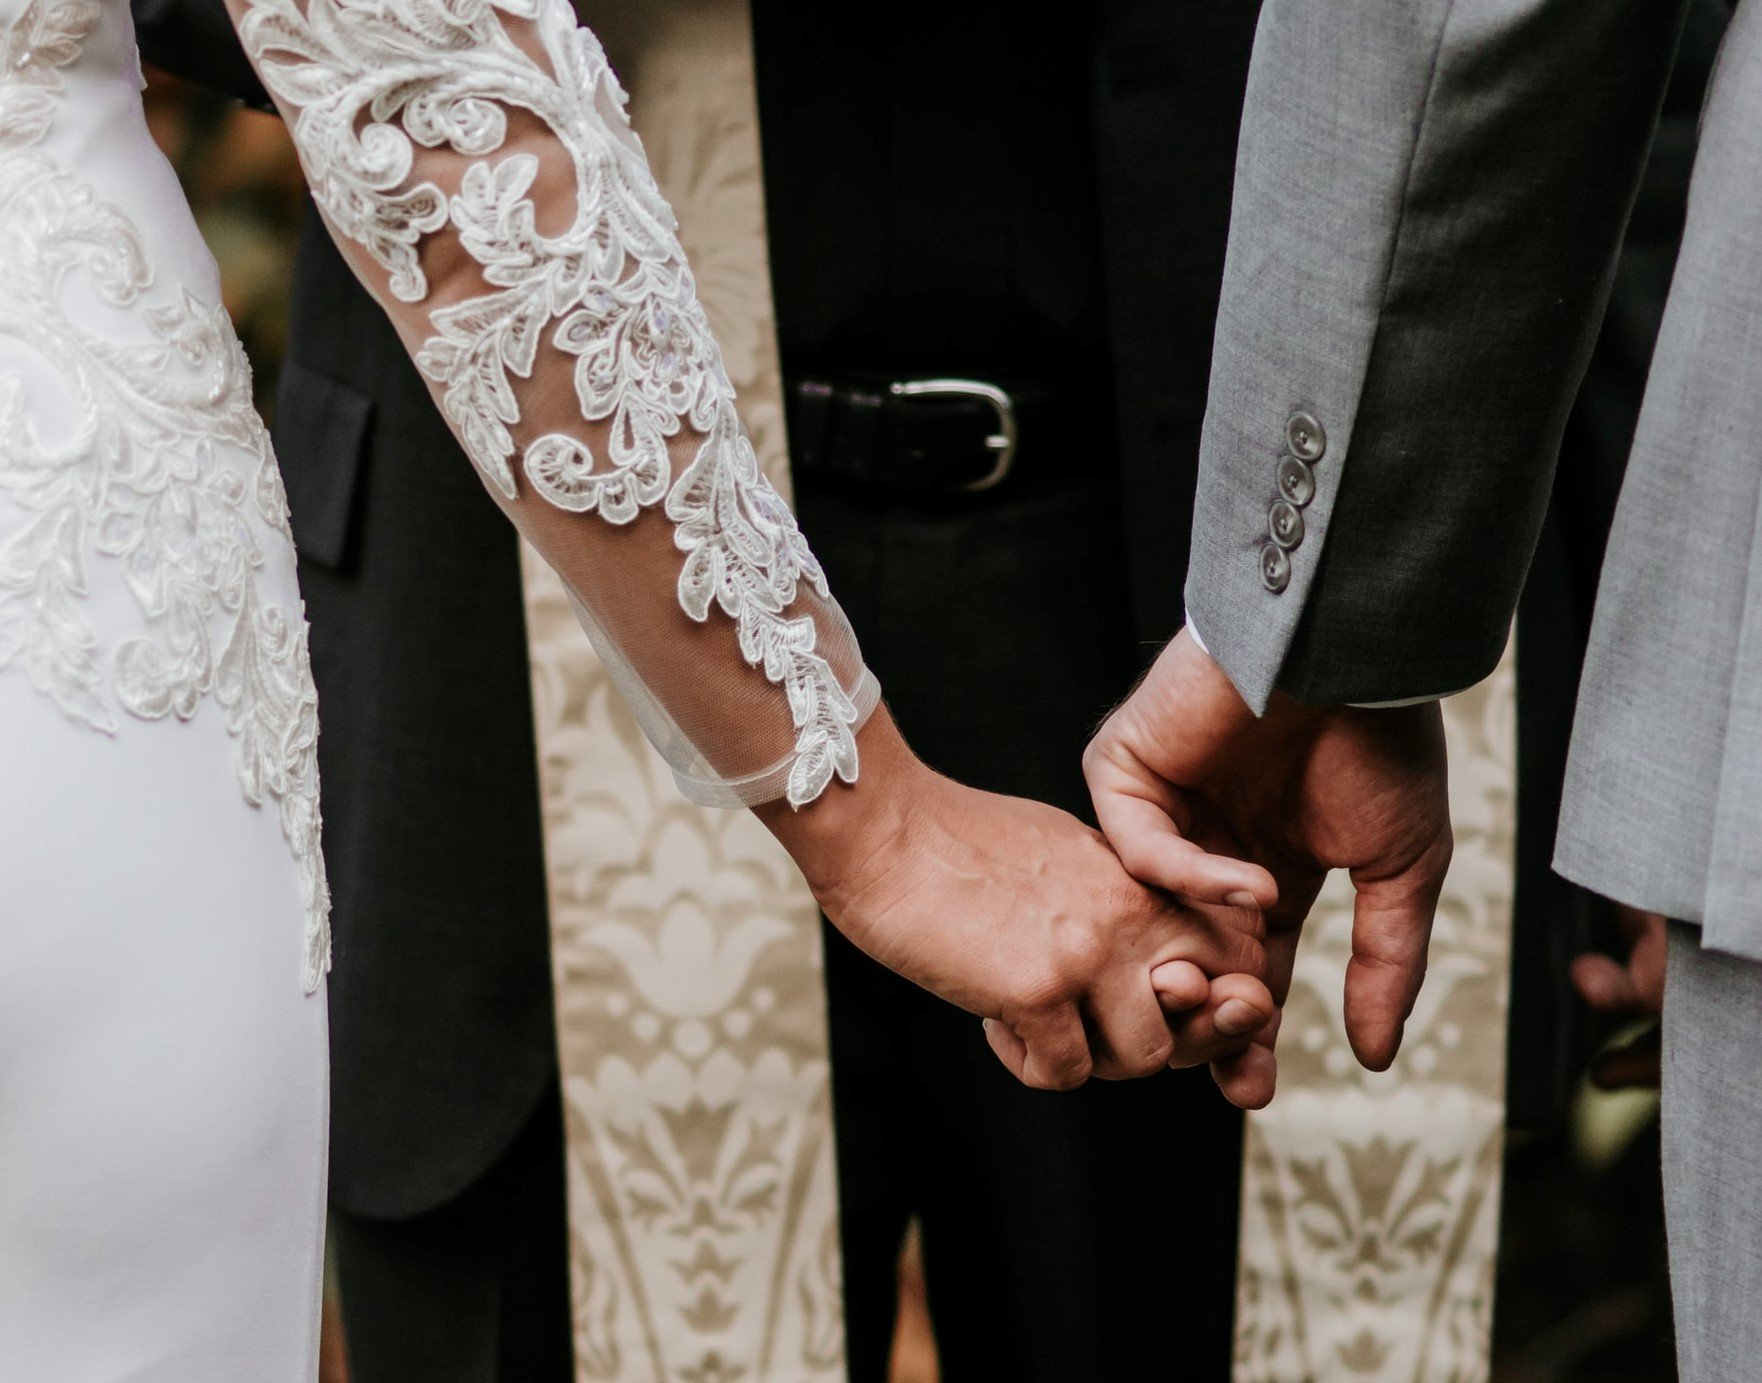 händchenhaltendes Hochzeitspaar von hinten